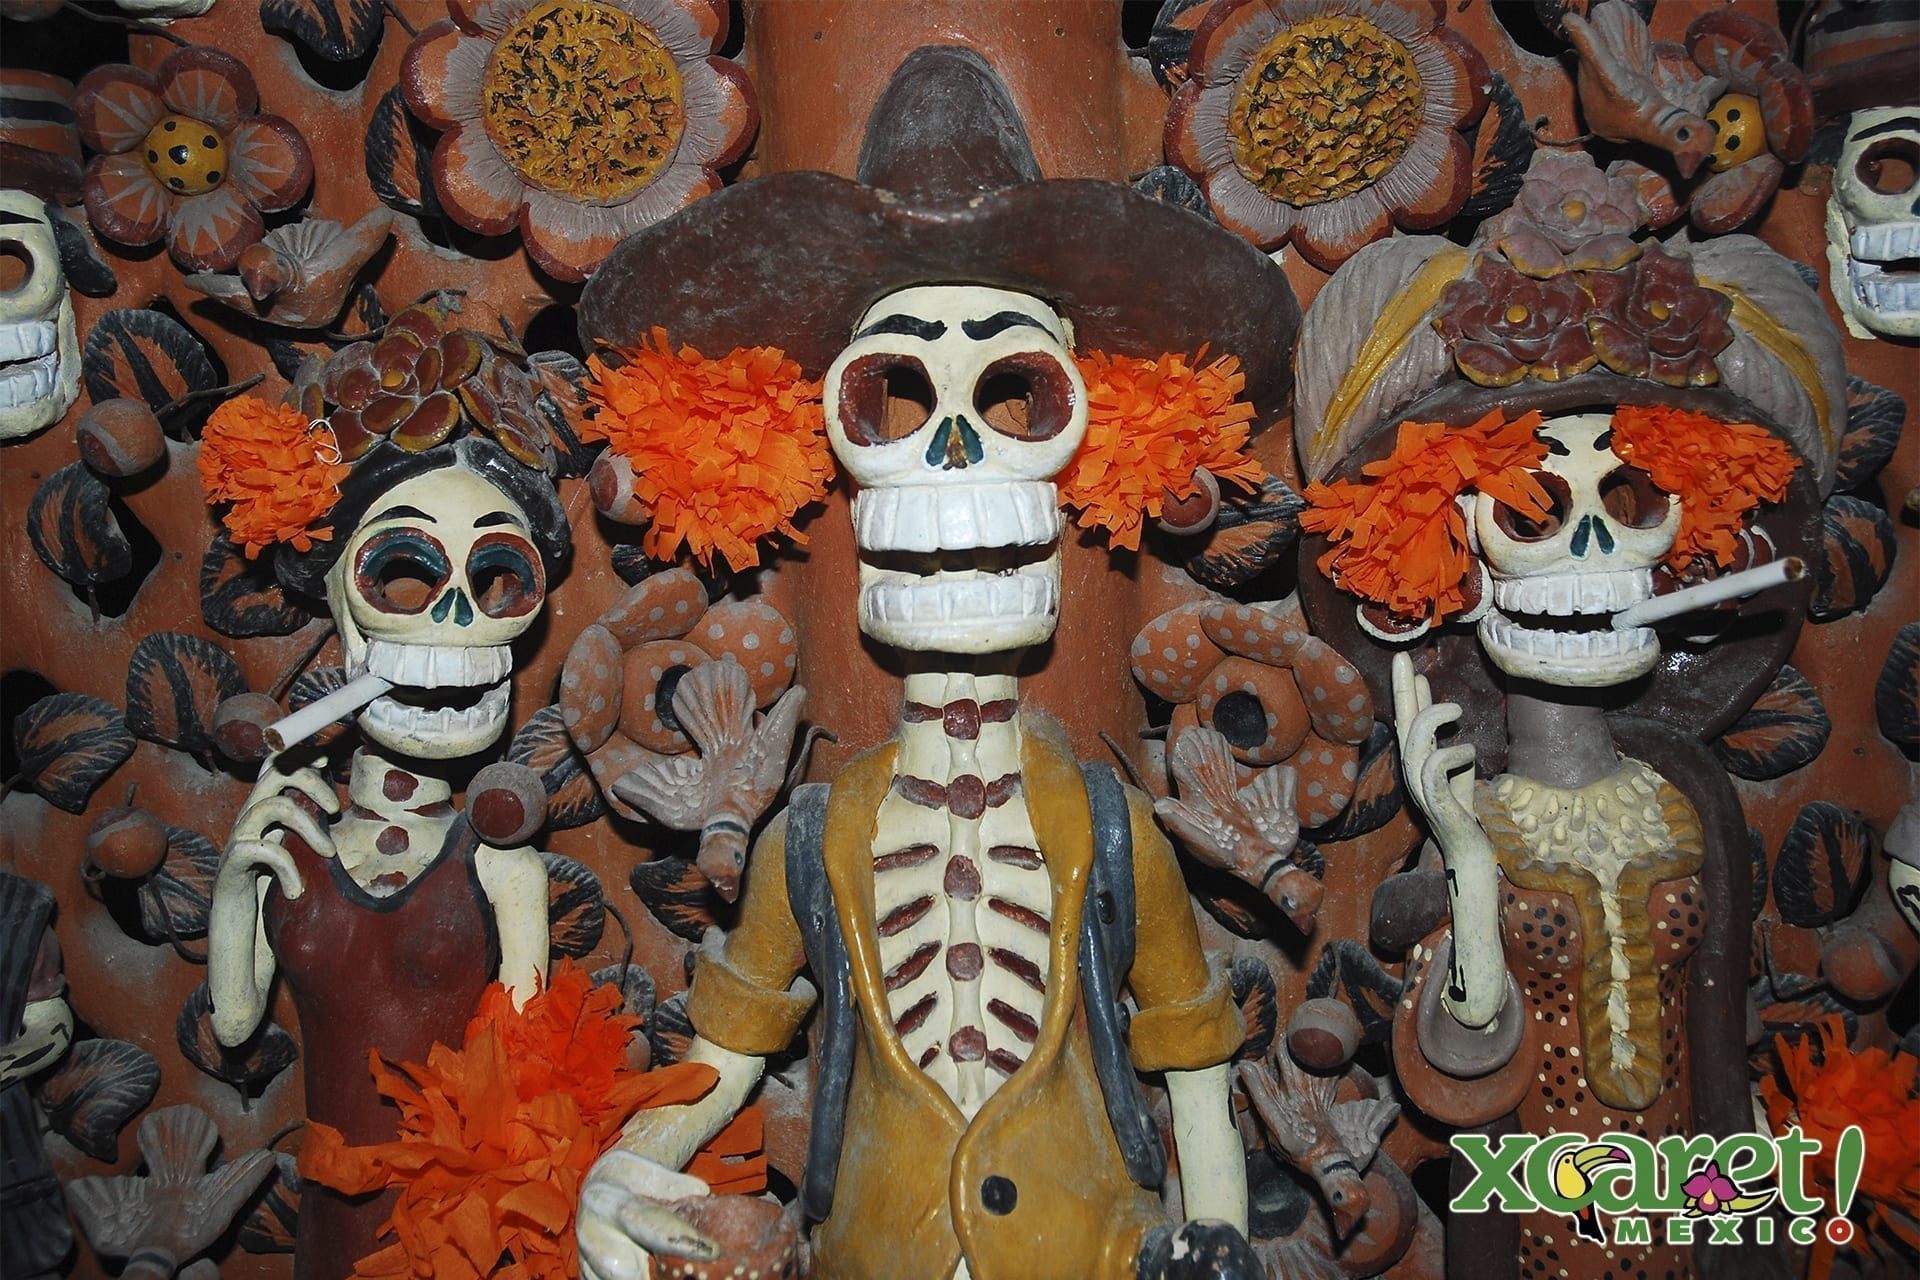 El culto a la muerte ya se rendía en México desde mucho antes de la llegada de los españoles - Foto cortesía de Parque Xcaret